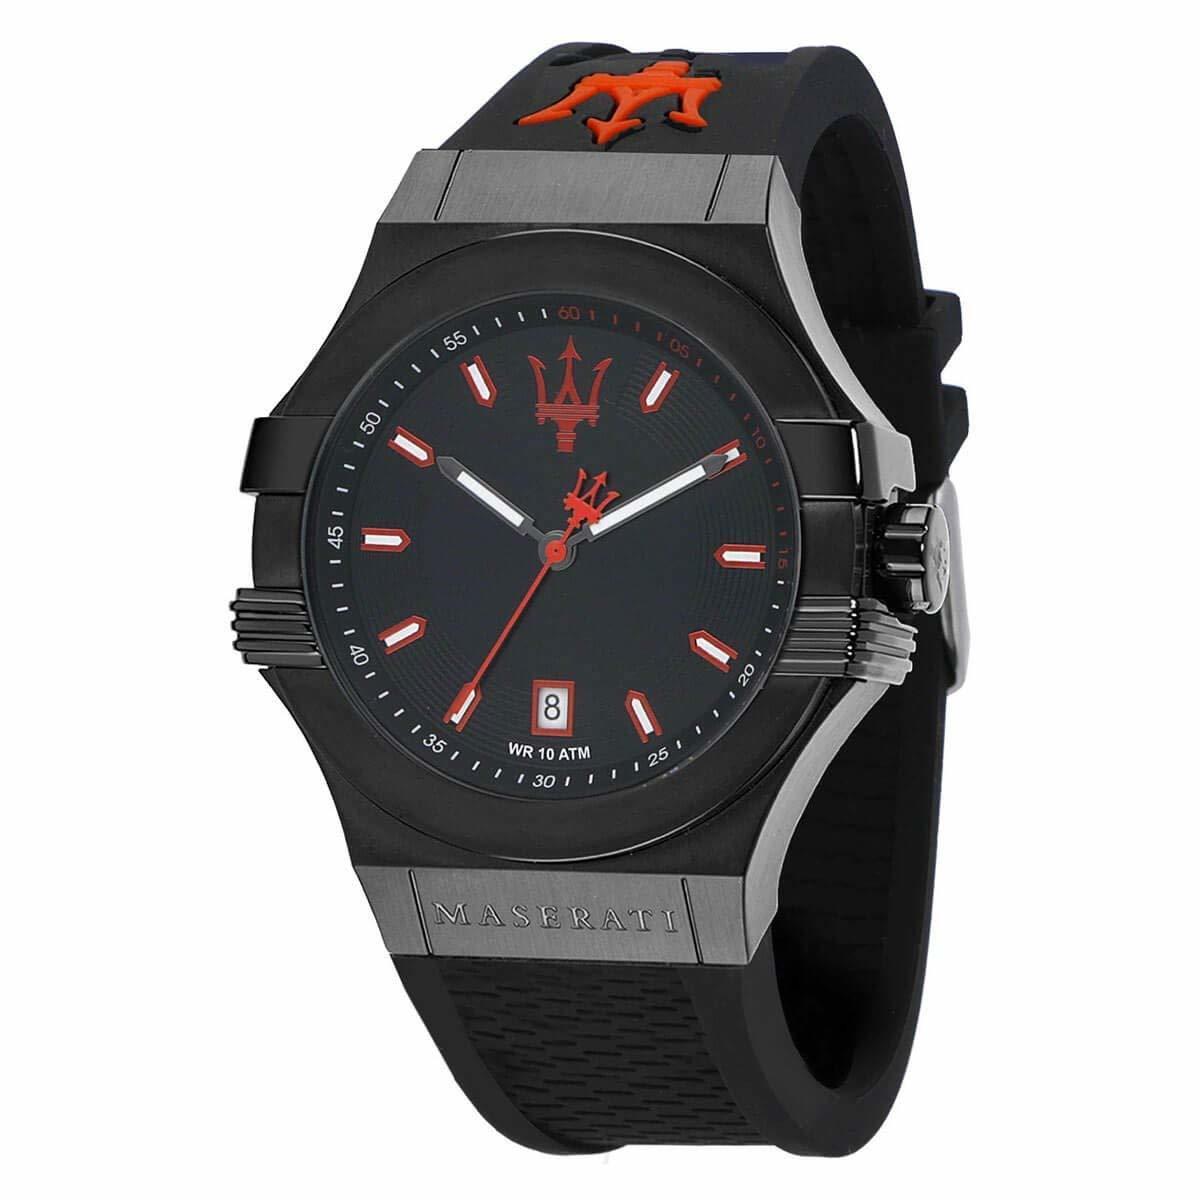 Maserati マセラティ 腕時計 POTENZA R8851108020 メンズ ブラック レッド クオーツ プレゼント 贈り物